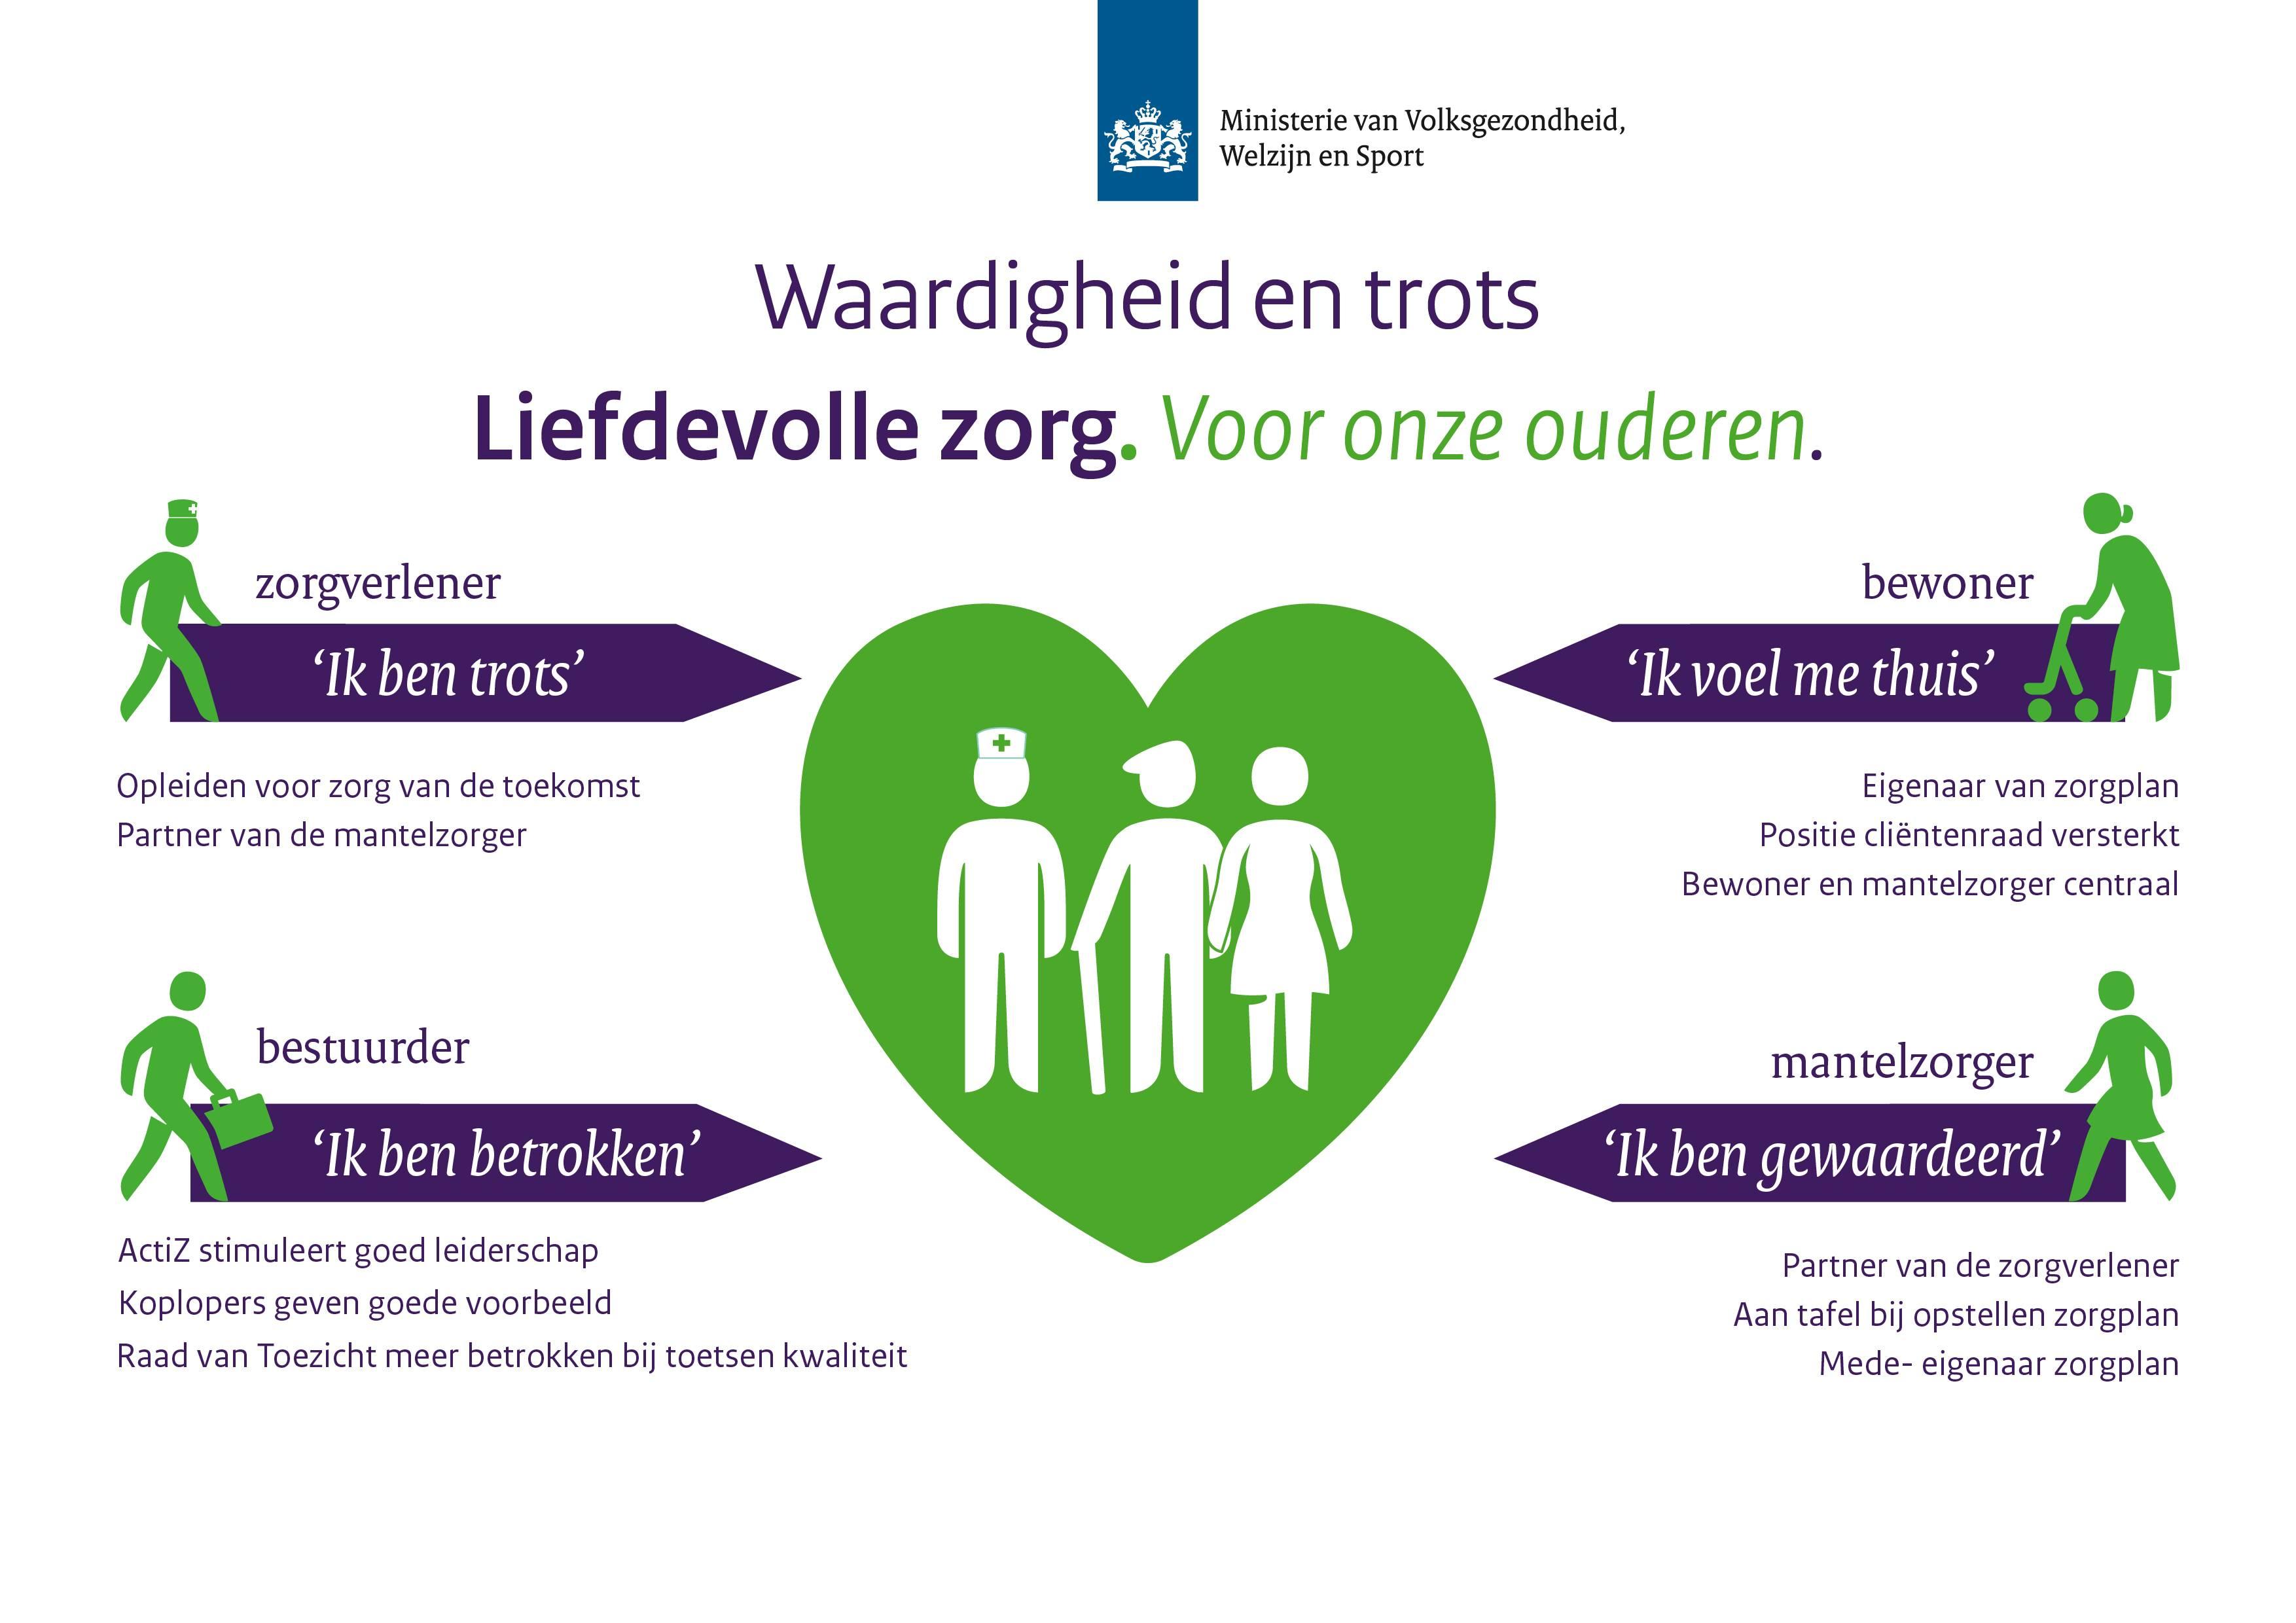 kwaliteit plan van aanpak Martin van Rijn: Plan van Aanpak Kwaliteit Verpleeghuizen  kwaliteit plan van aanpak